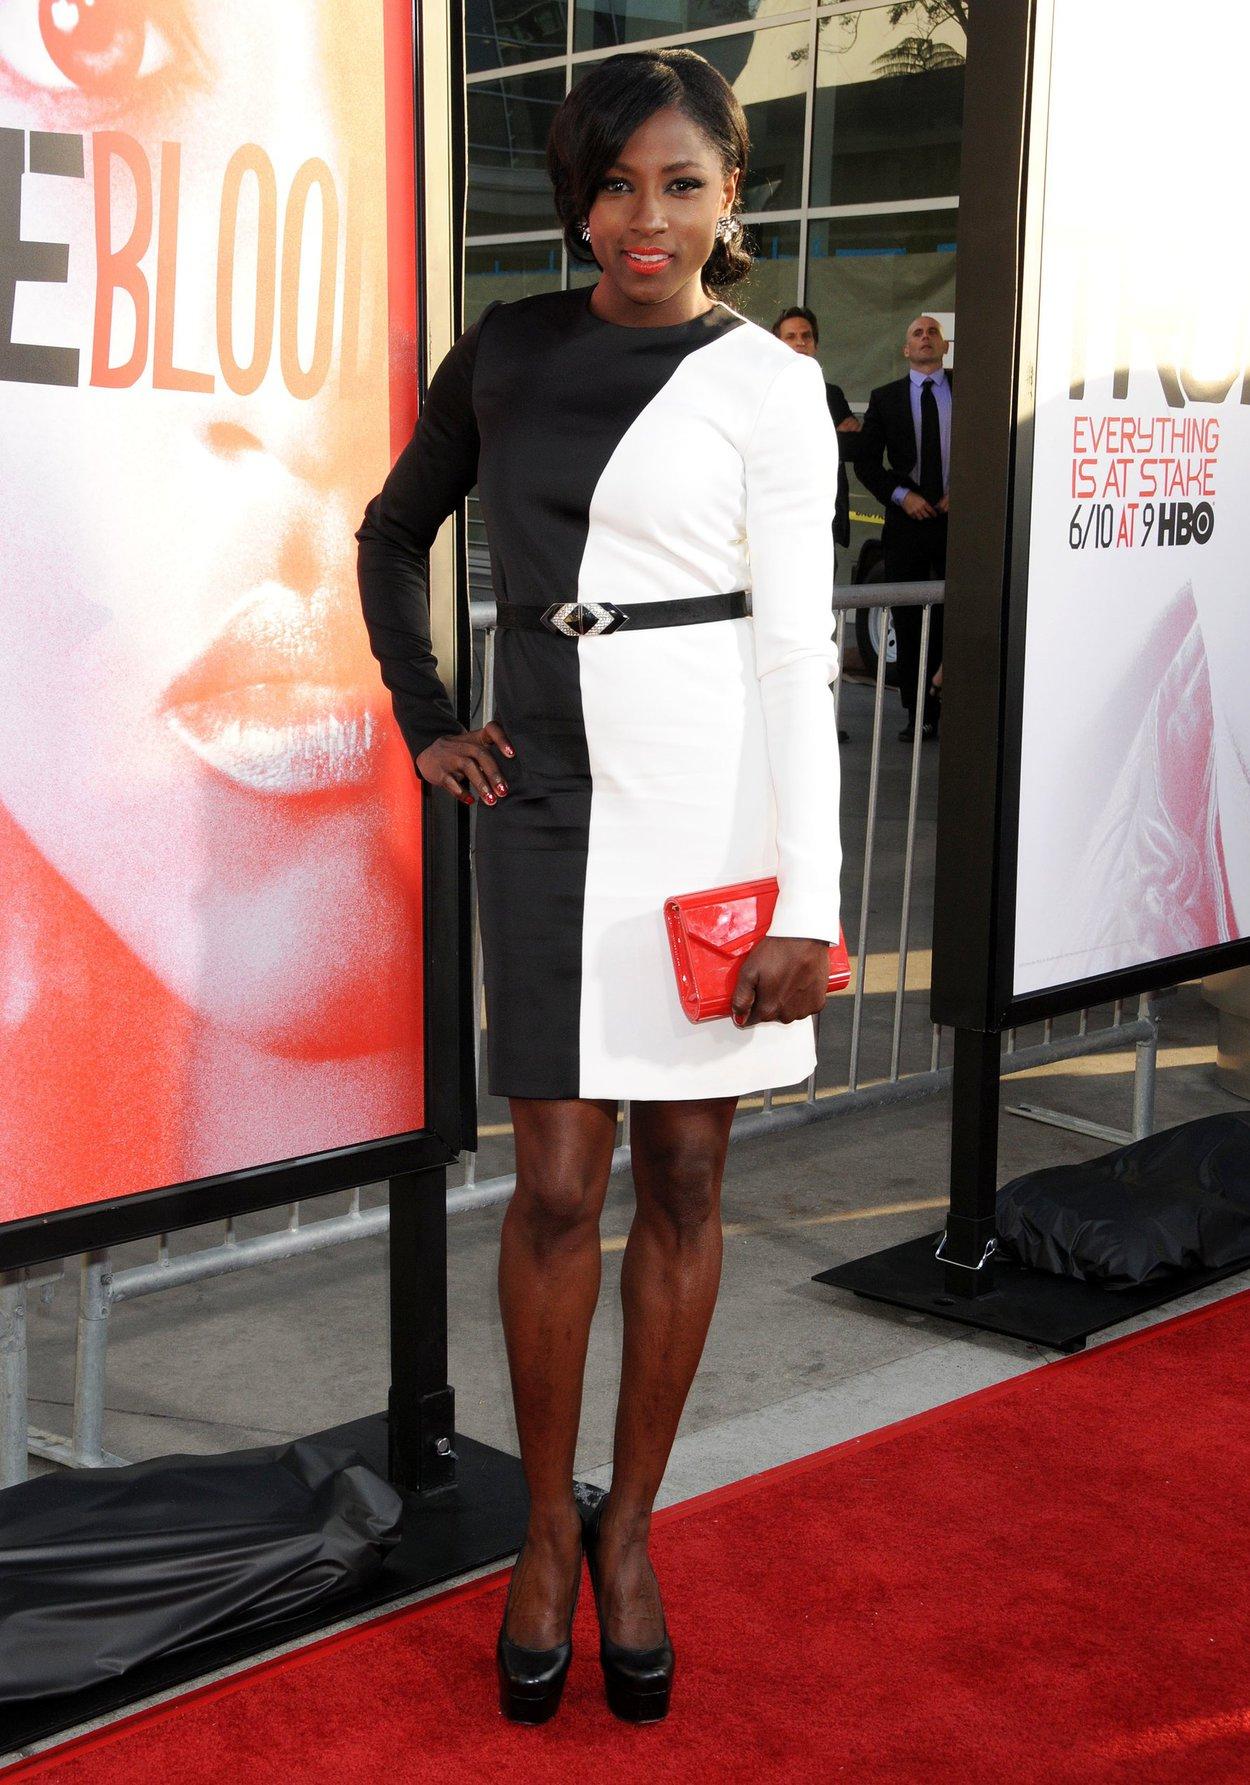 Rutina Wesley -  True Blood  Season 5 Premiere - Los Angeles - May 30, 2012